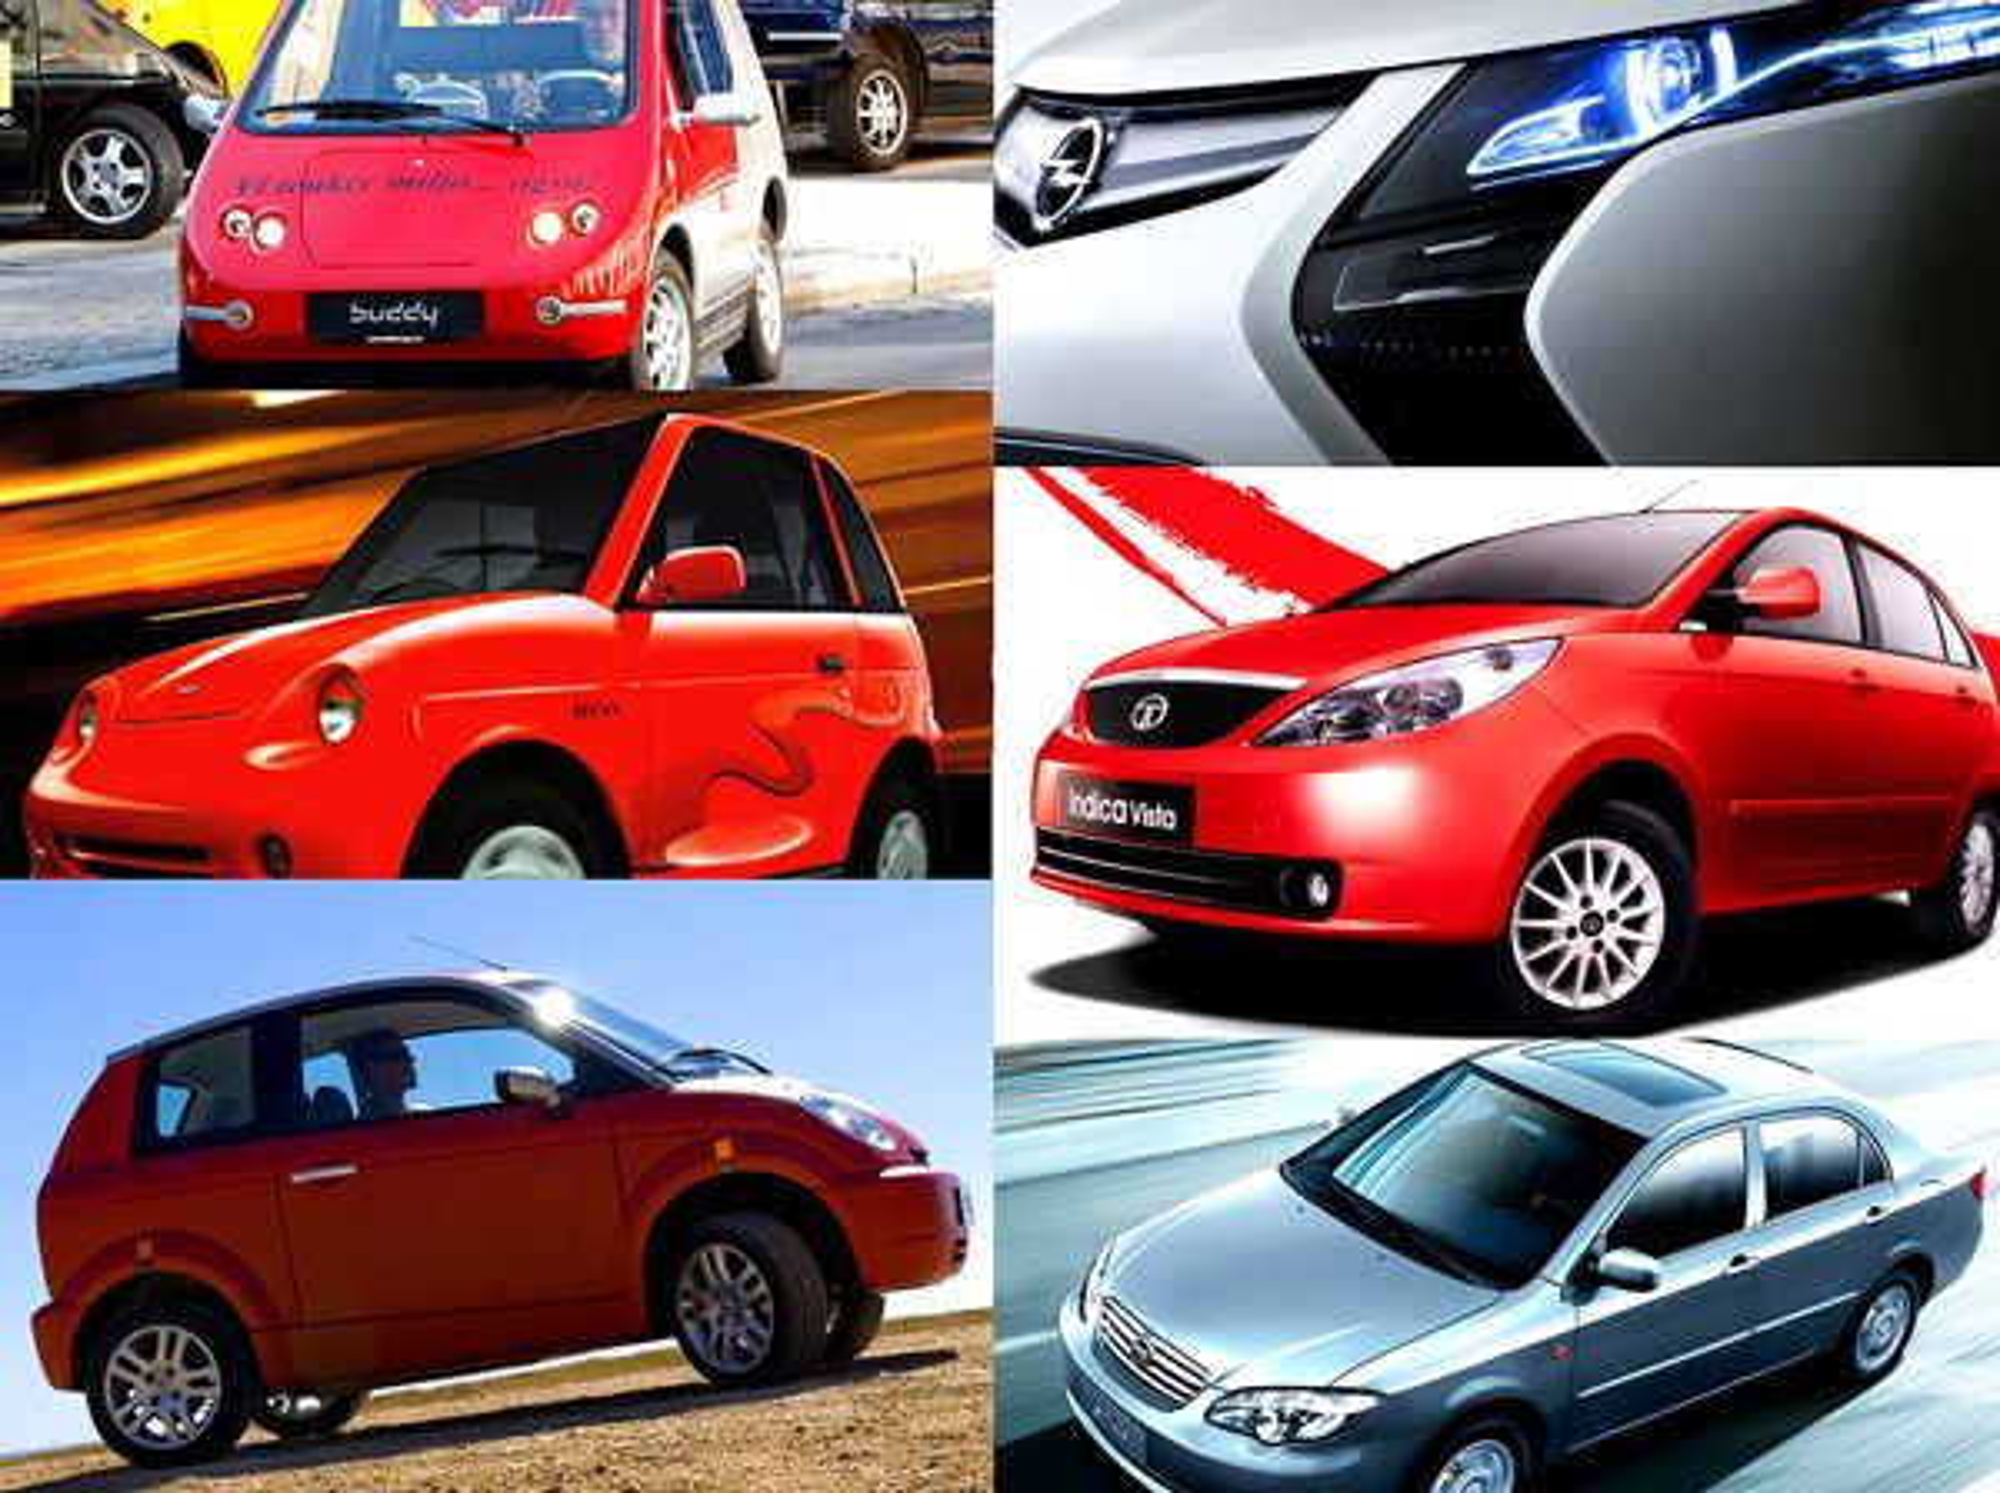 Elbilene og plug-in-hybridene Buddy (fra øverst til venstre og med klokka), Opel Ampera, Tata Indica EV, BYD F6DM, Think City og Reva er bare seks av 83 kjøretøy som er beskrevet i den nye norsk-svenske kjøpeguiden.